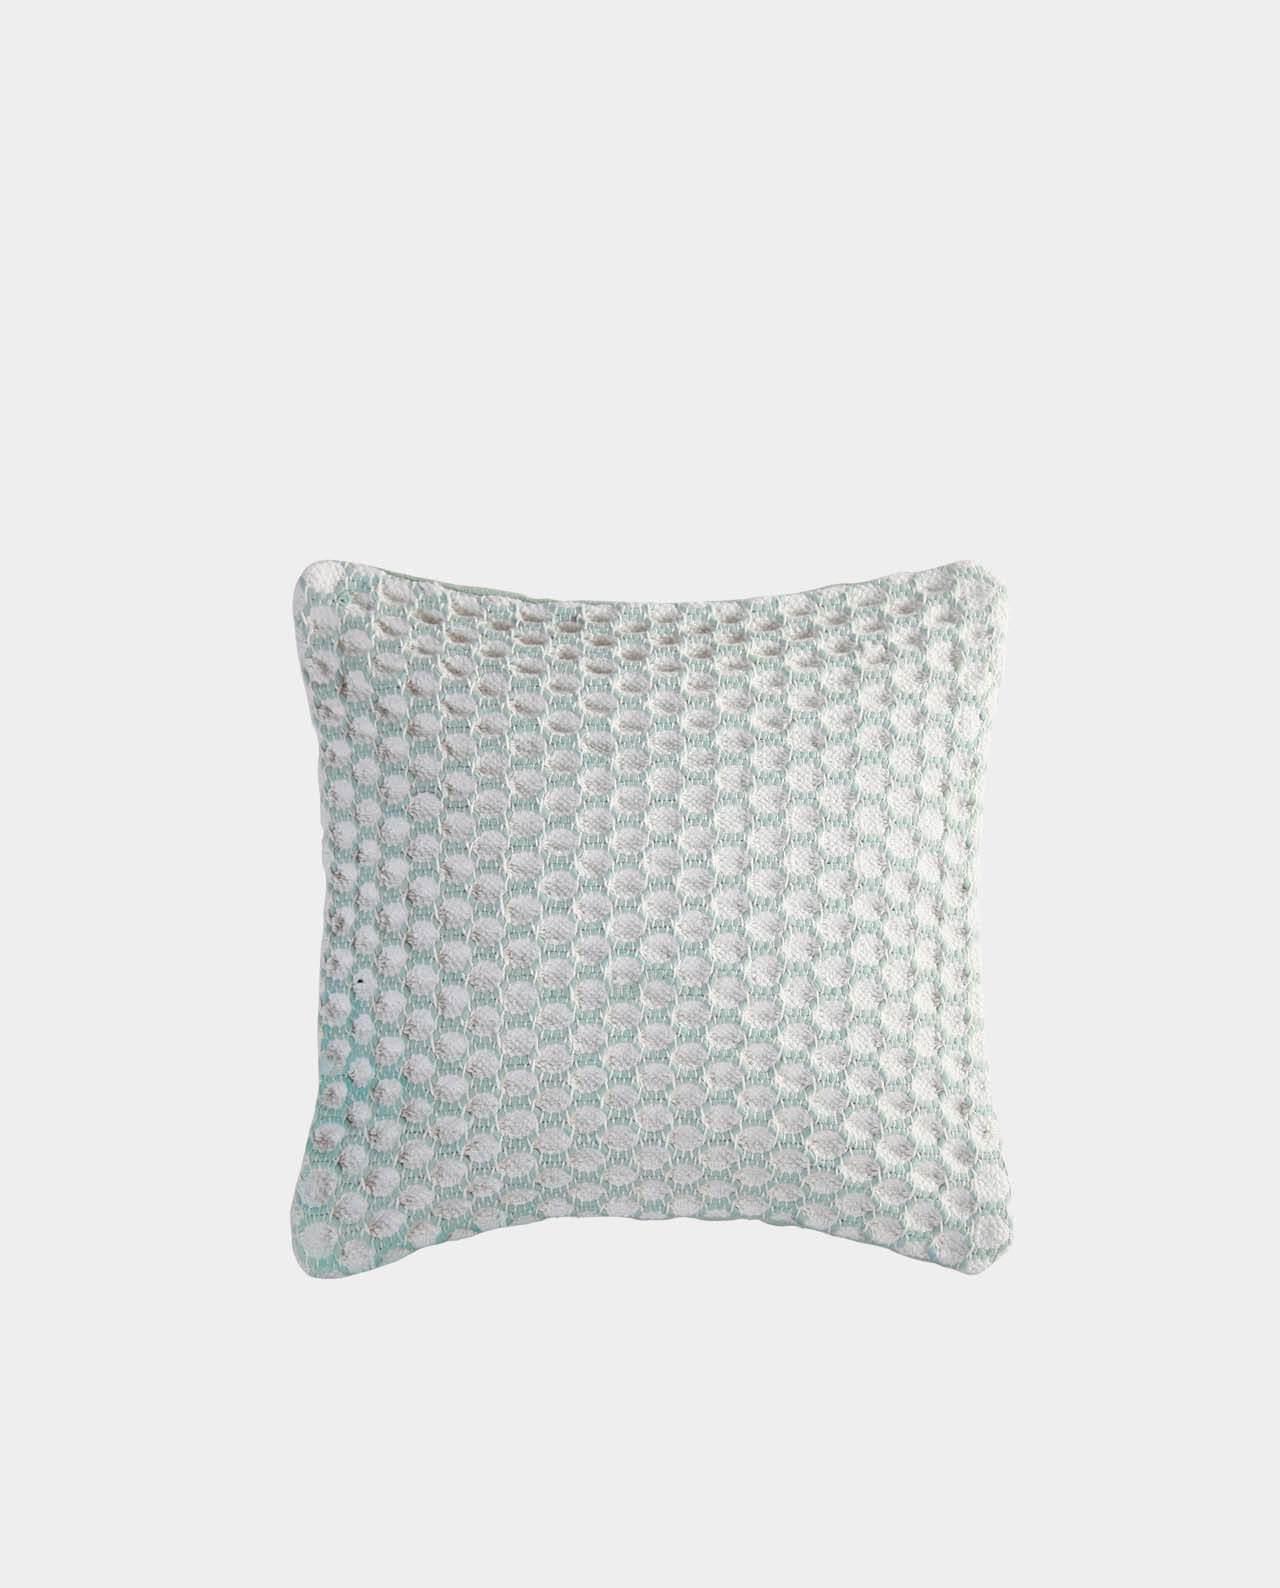 dekokissen geo jetzt online kaufen. Black Bedroom Furniture Sets. Home Design Ideas